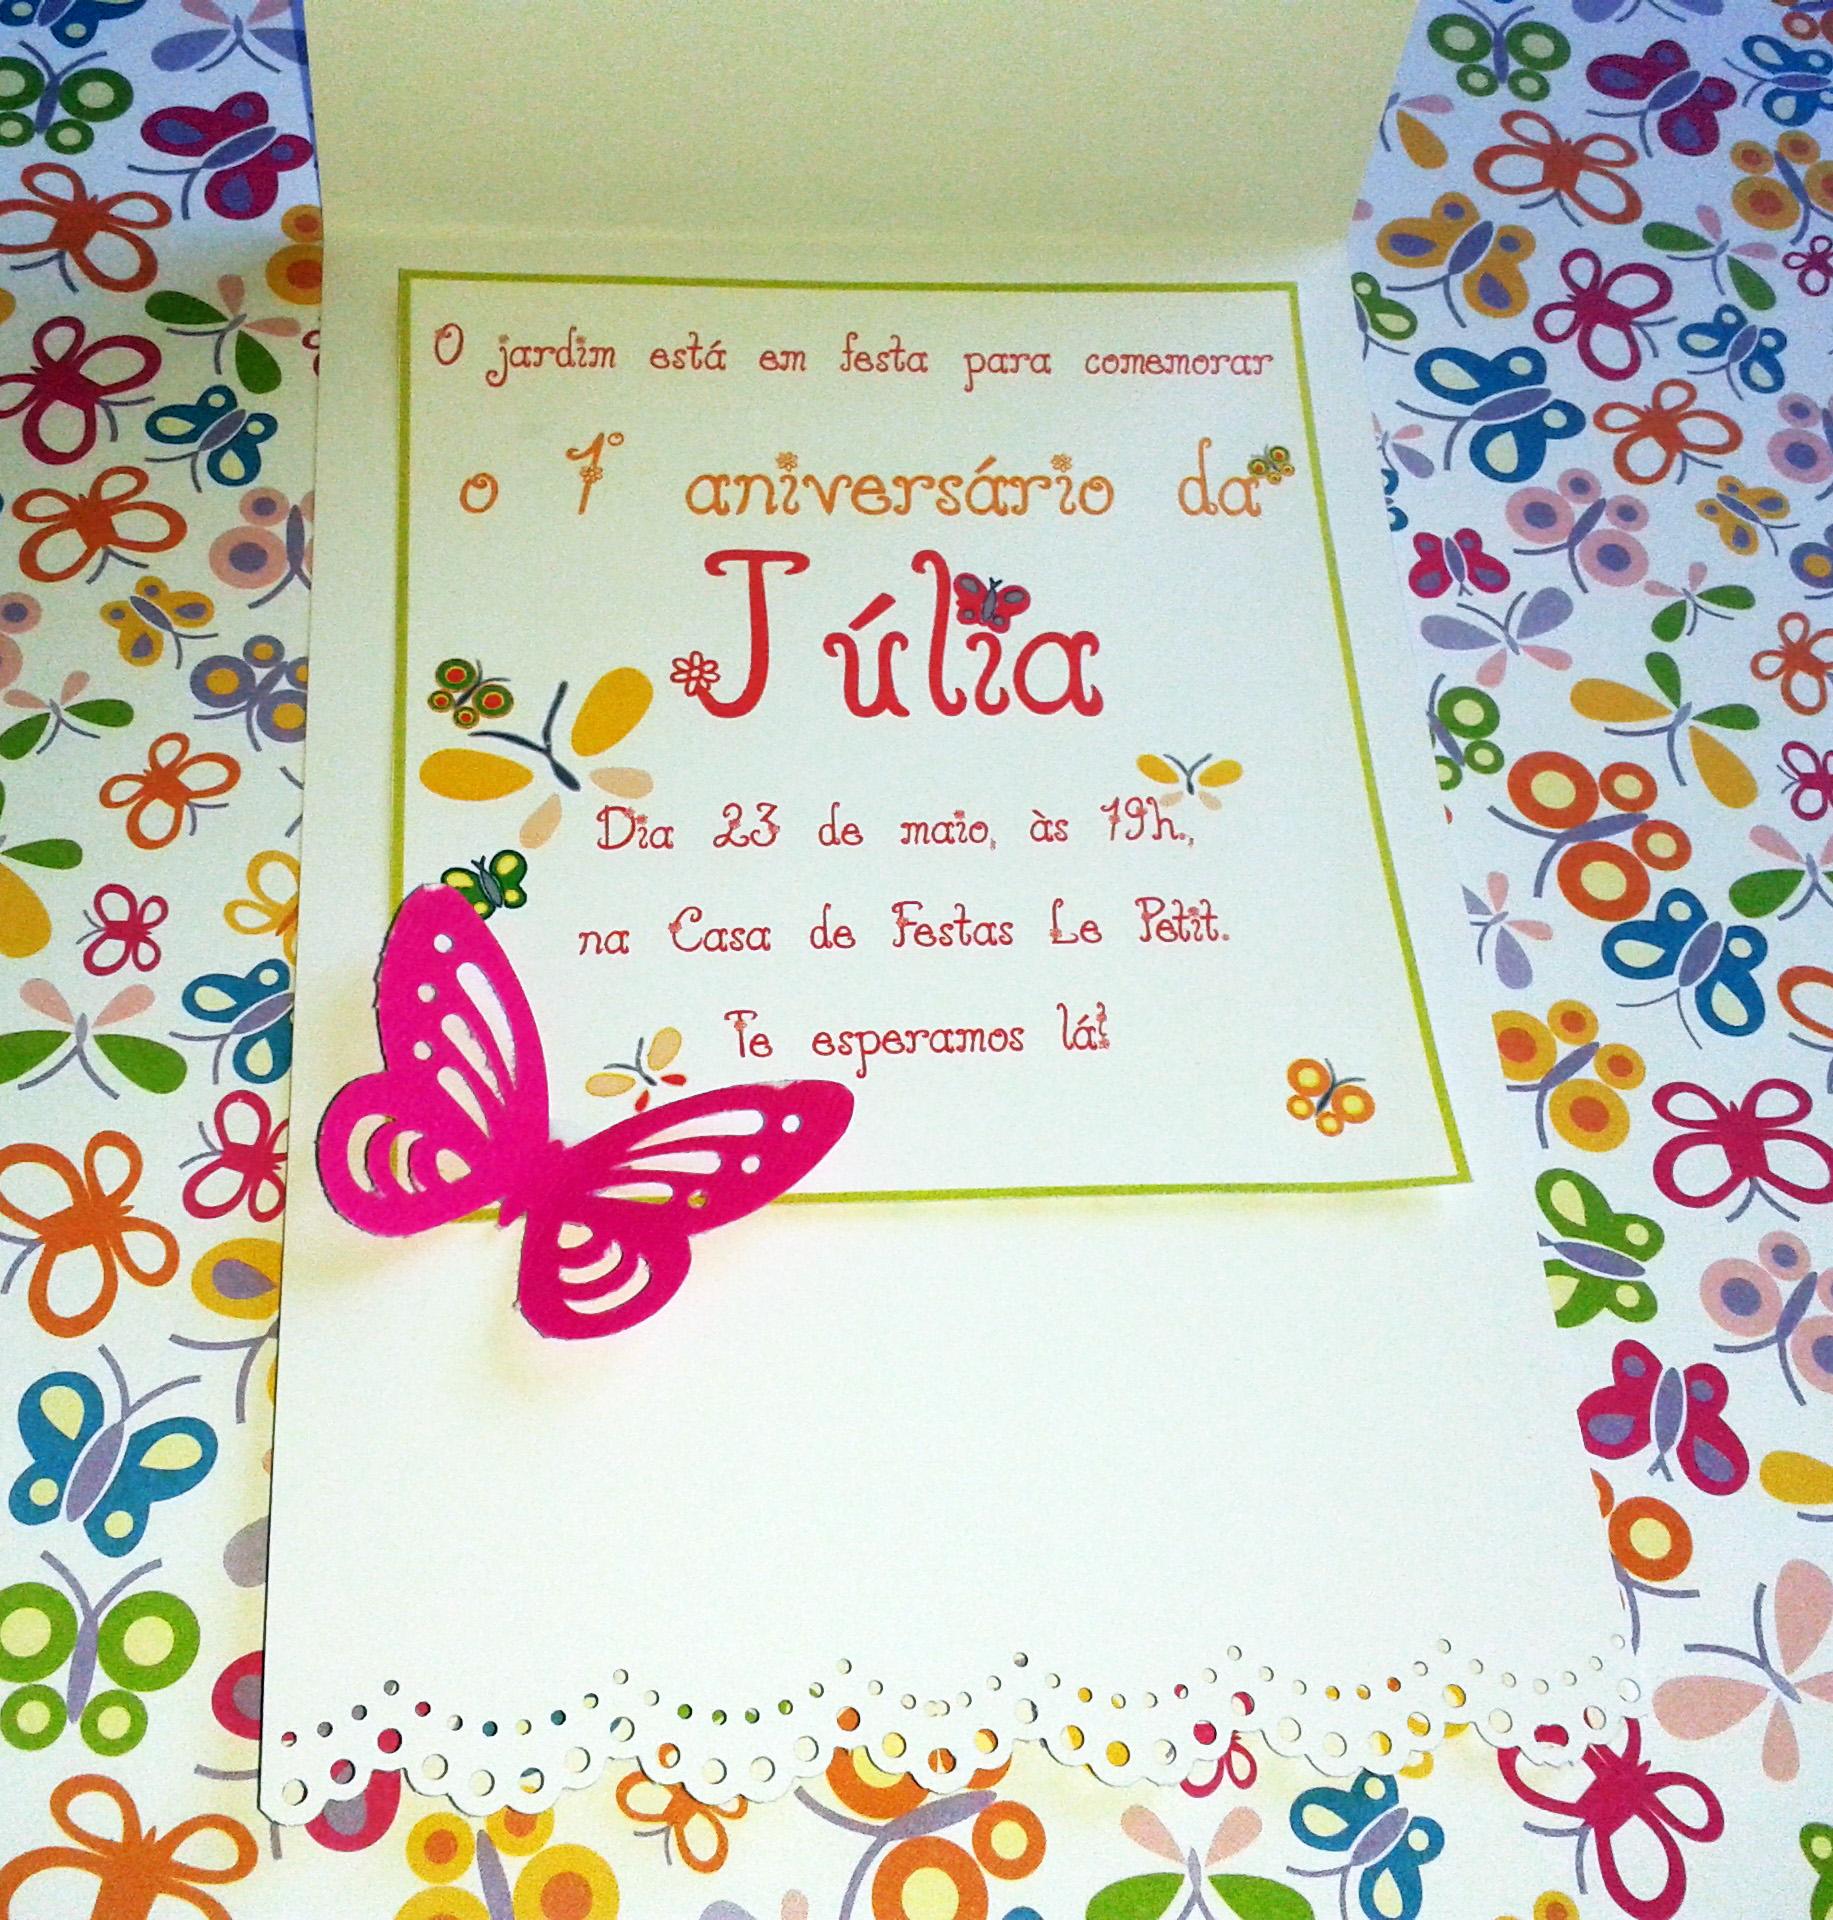 festa jardim convite : festa jardim convite:convite-jardim-das-borboletas-tema-jardim convite-jardim-das